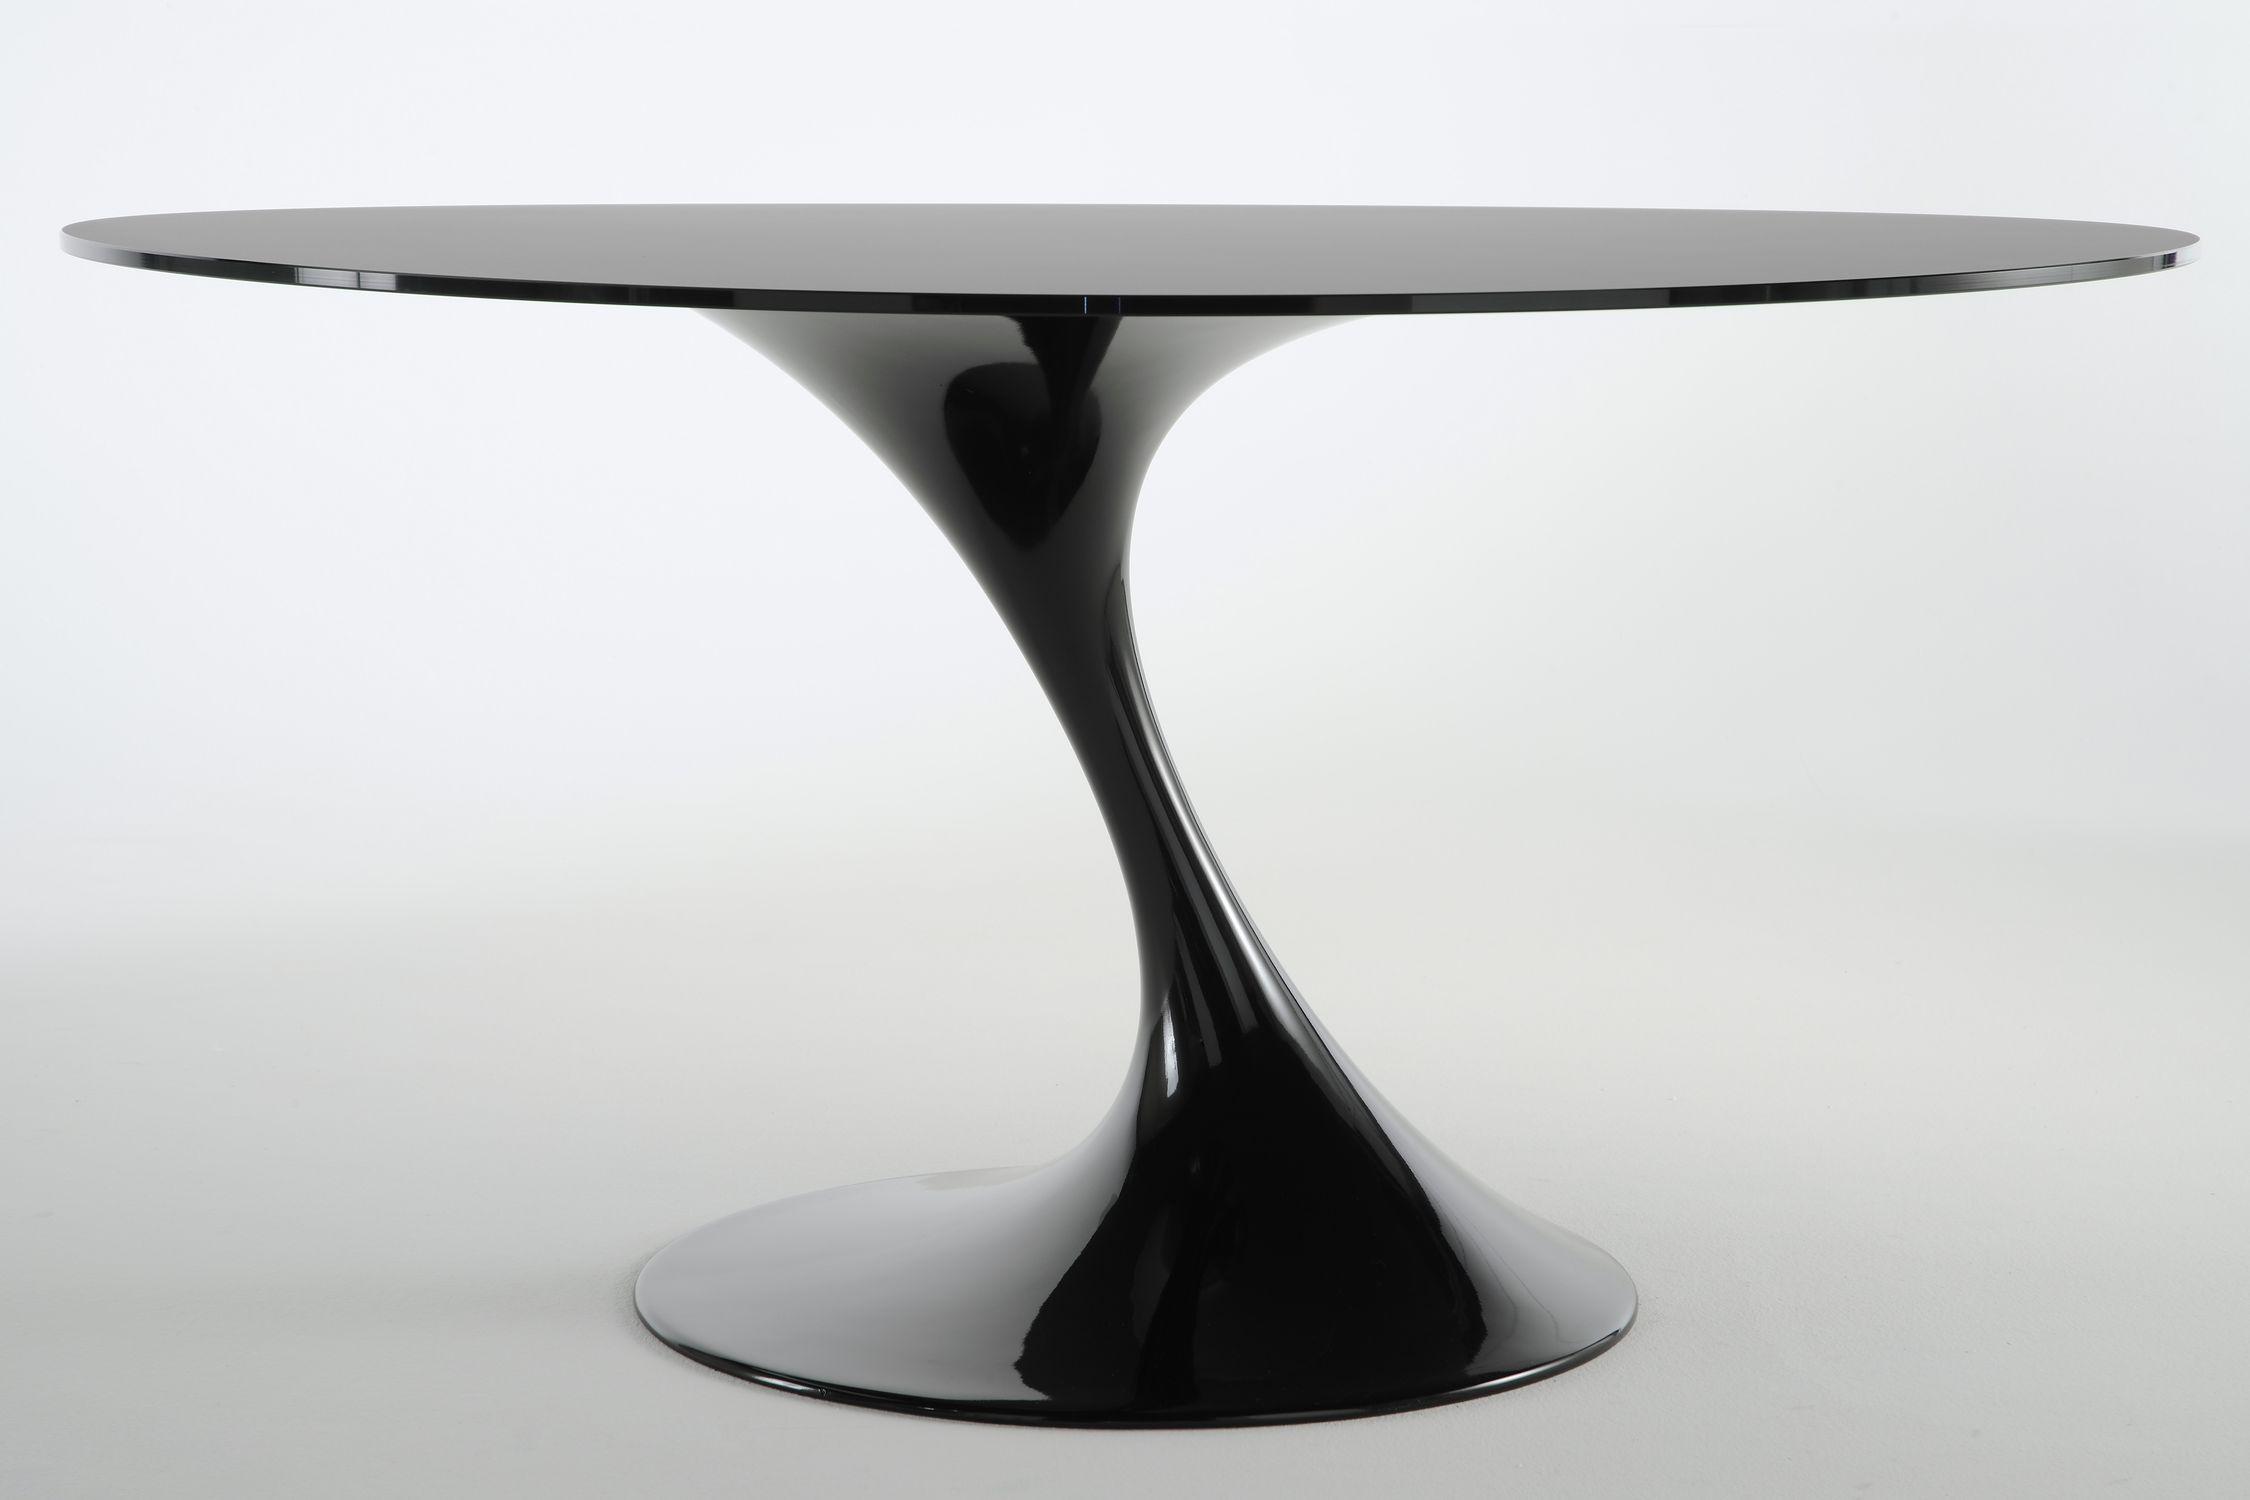 Tavolo Rotondo Moderno In Vetro.Tavolo Moderno In Vetro Tondo Atatlas Black By Marcello